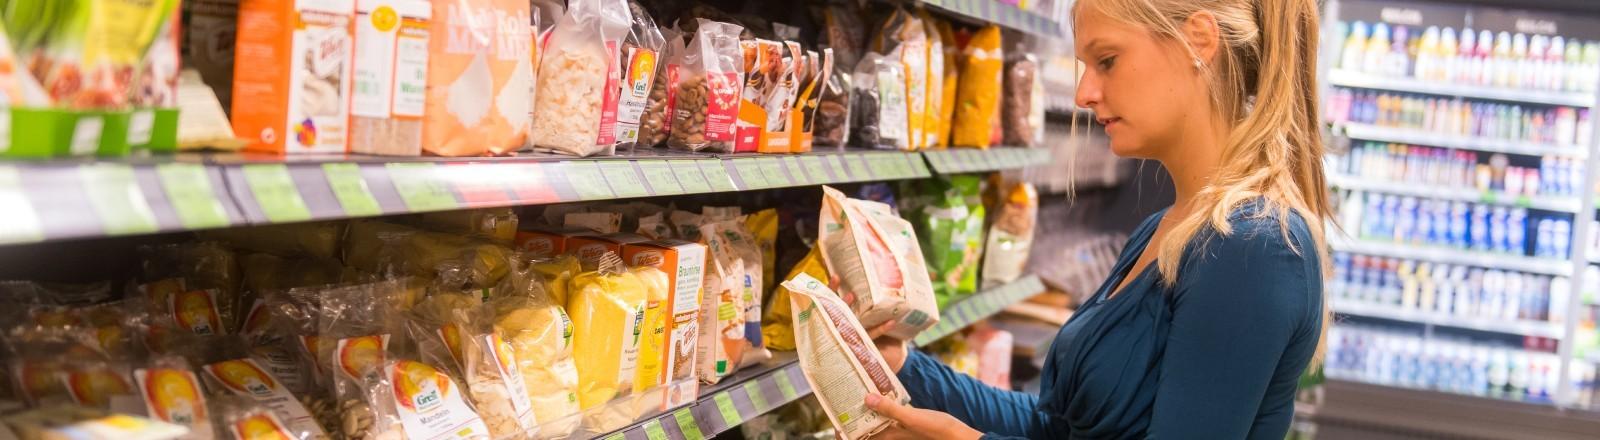 Eine Frau ist in einem Supermarkt und schaut auf die Zutaten eines Lebensmittel.